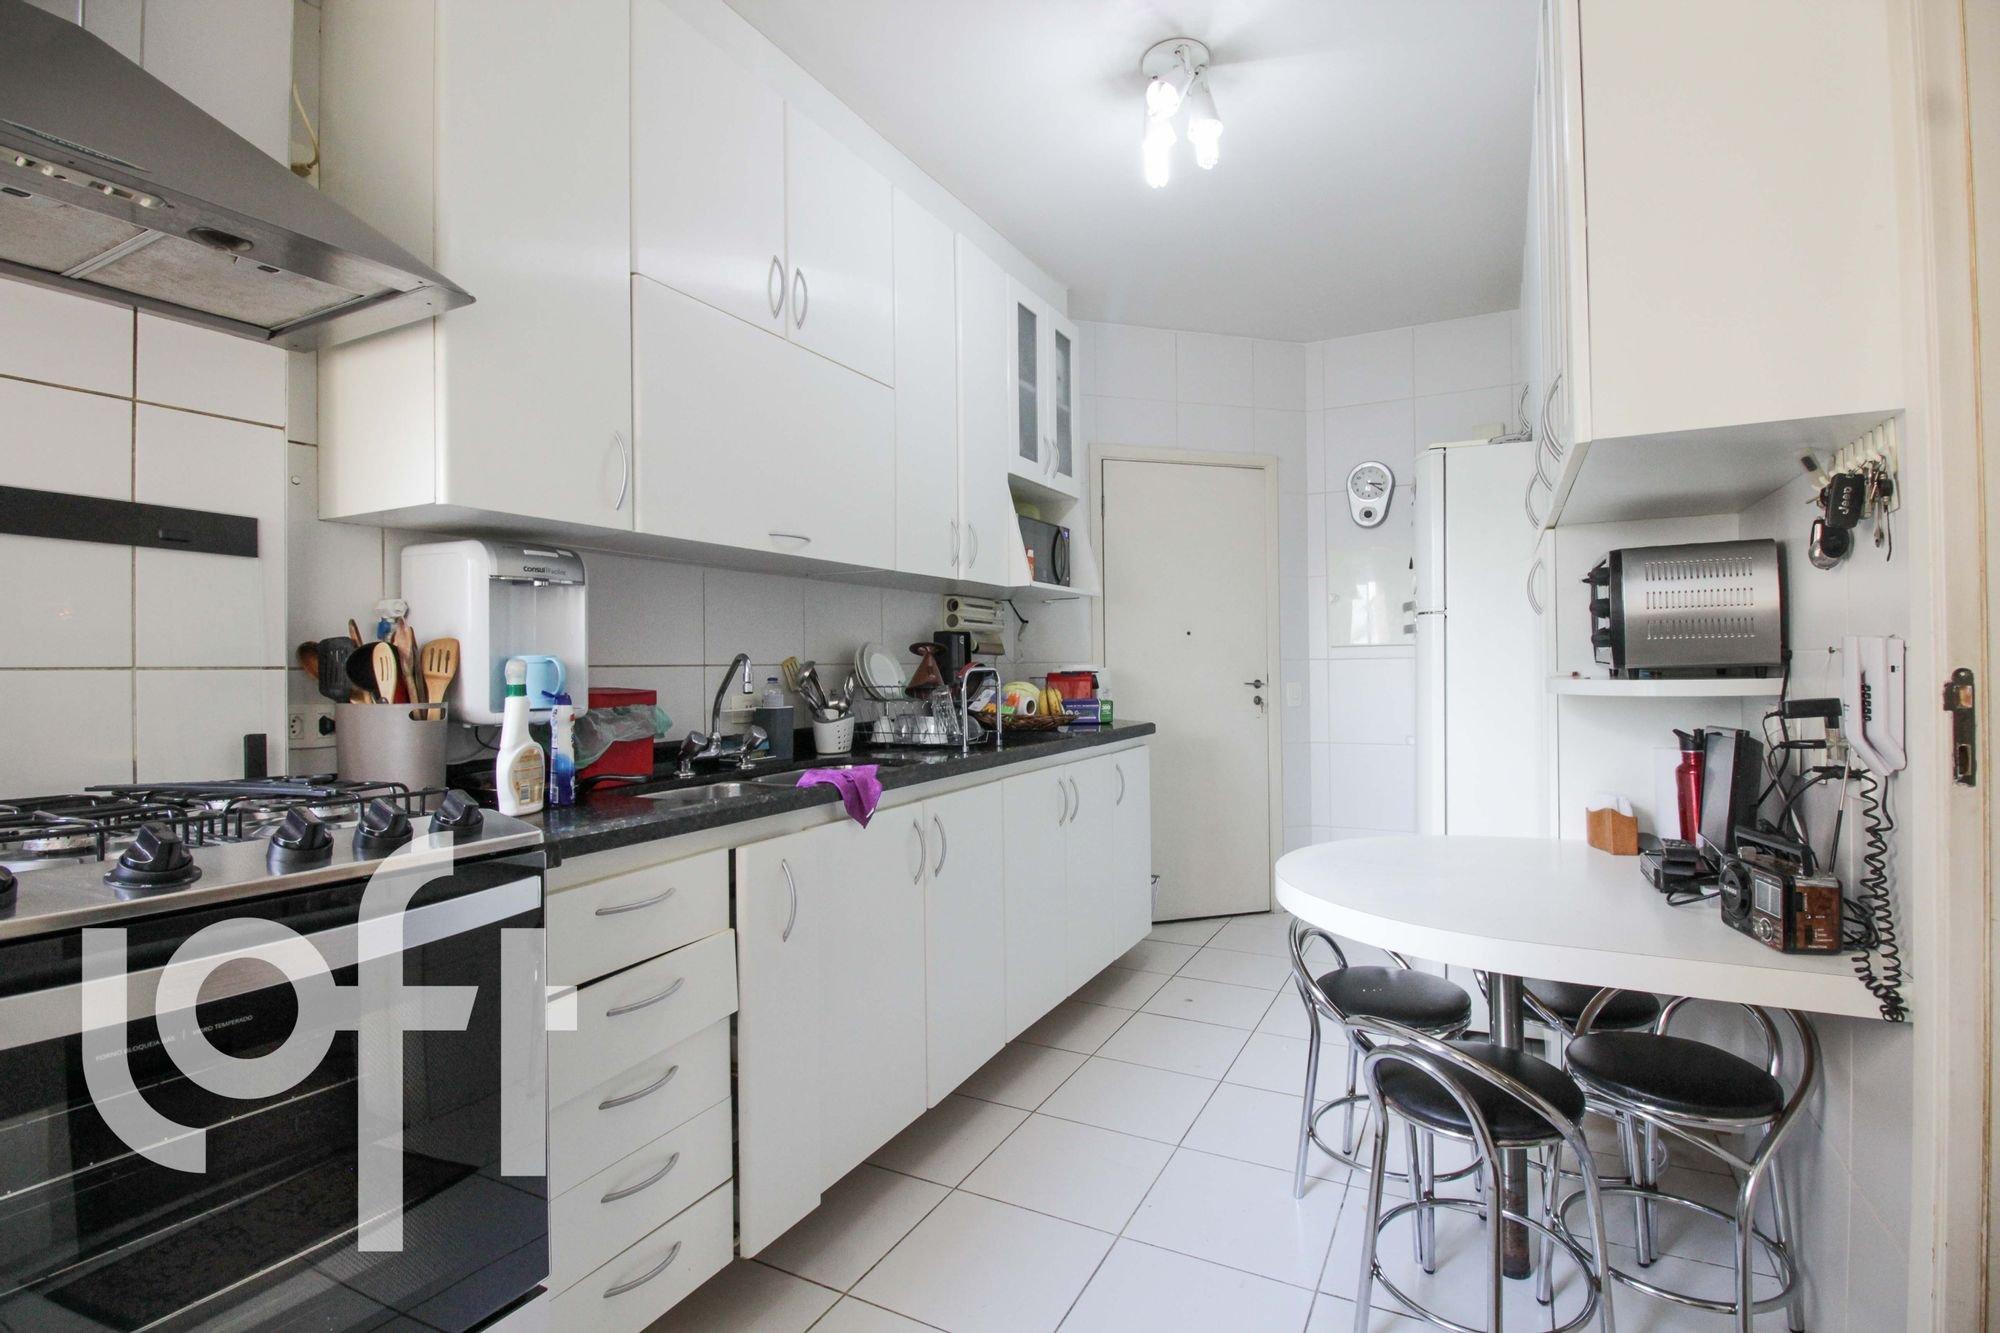 Foto de Cozinha com garrafa, relógio, forno, cadeira, mesa de jantar, xícara